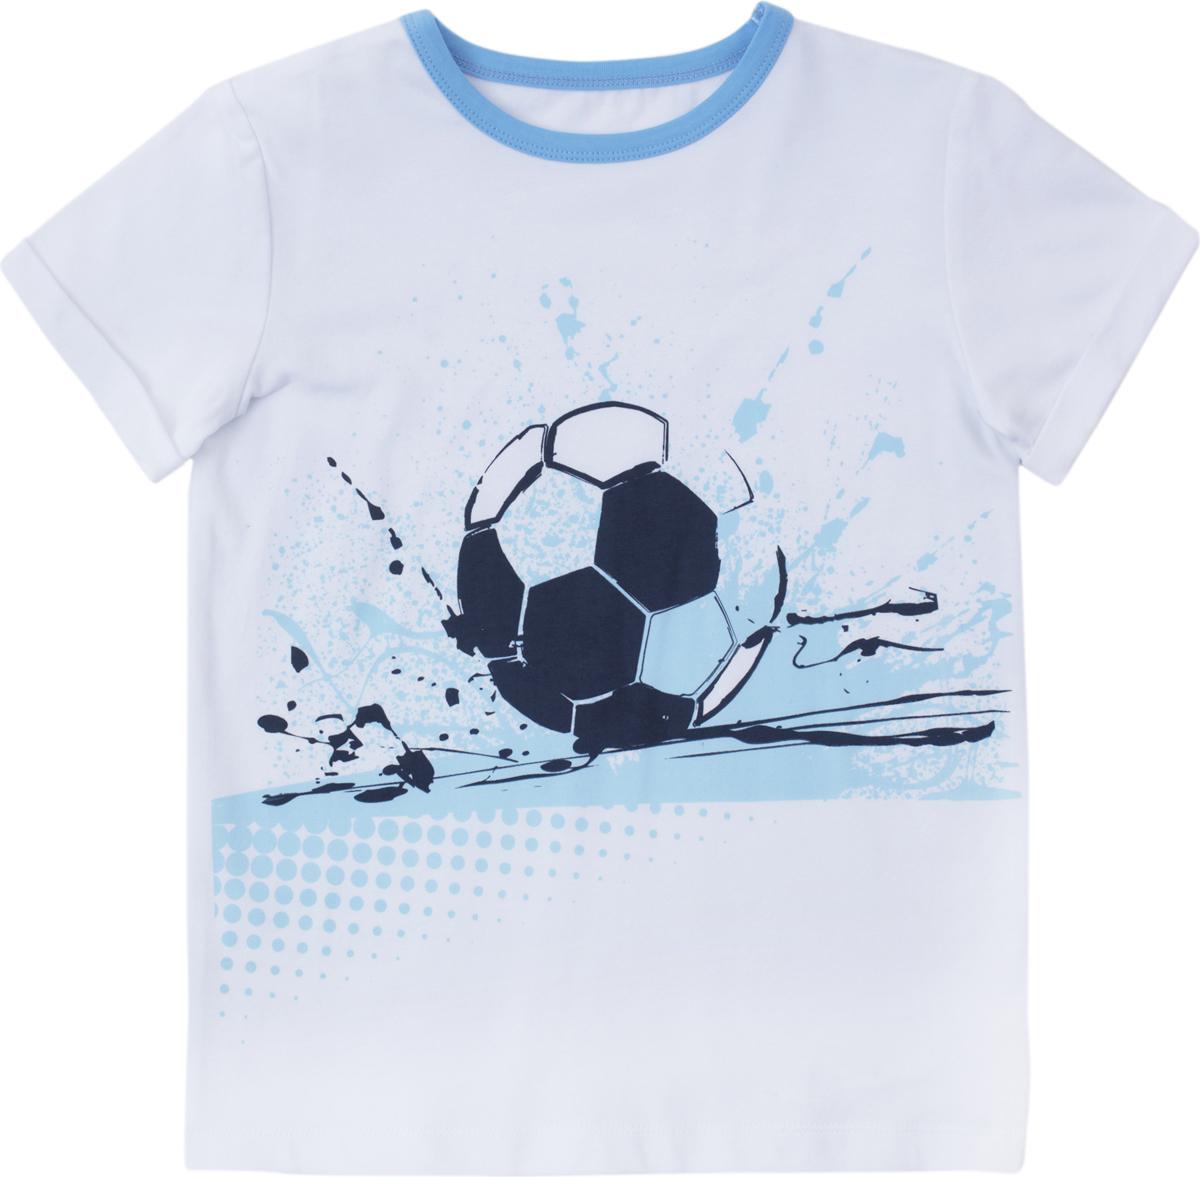 Футболка для мальчика PlayToday, цвет: голубой, белый, синий. 181019. Размер 116181019Футболка с коротким рукавом. Аккуратные швы не вызывают раздражений. Горловина модели на мягкой трикотажной резинке. Футболка дополнена ярким принтом.